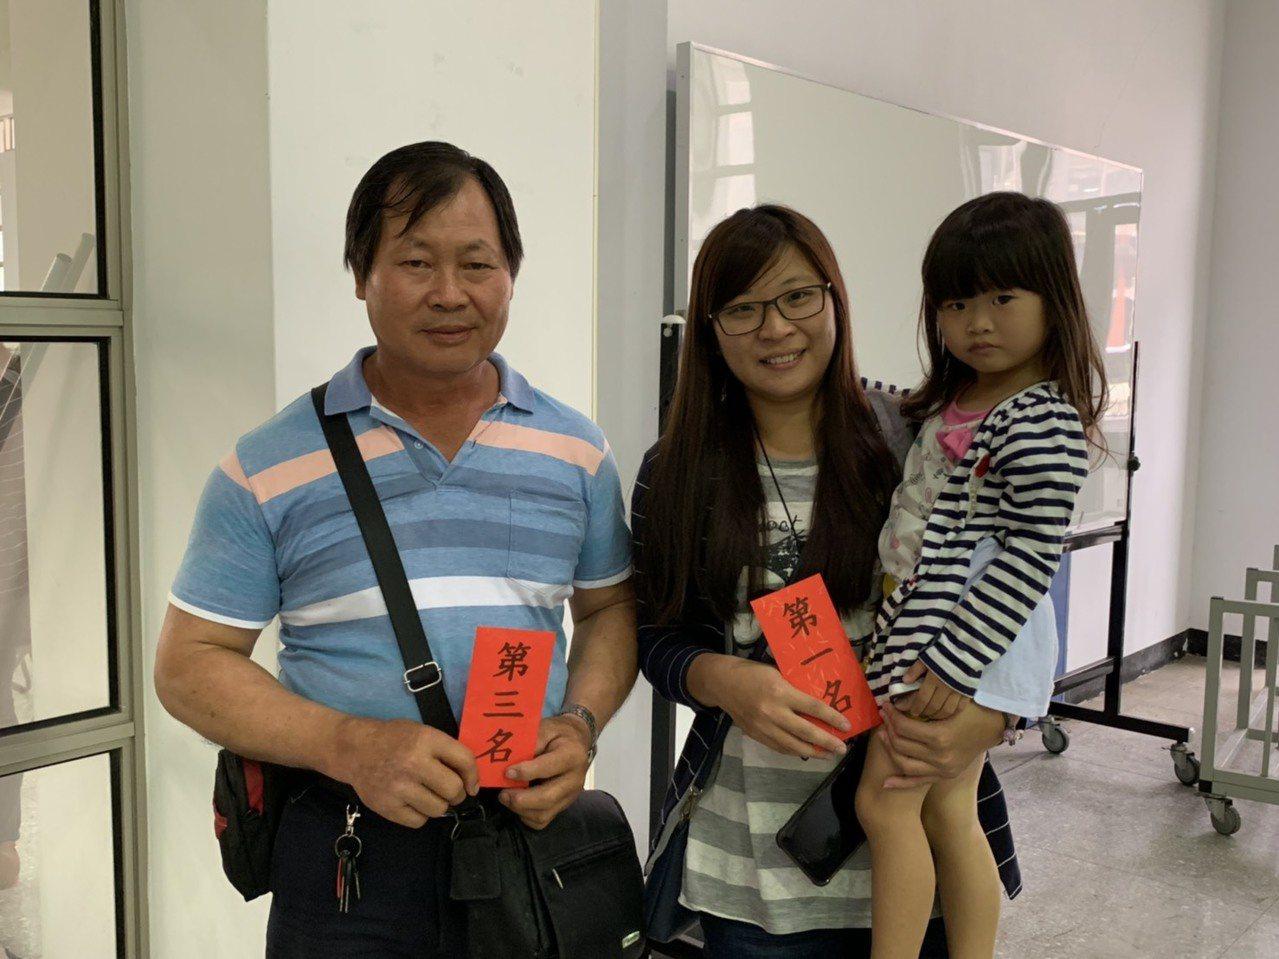 新竹縣竹北市農會今天舉辦稻米達人冠軍賽,獲得第3名的李金堂(左)及他的媳婦代第1...